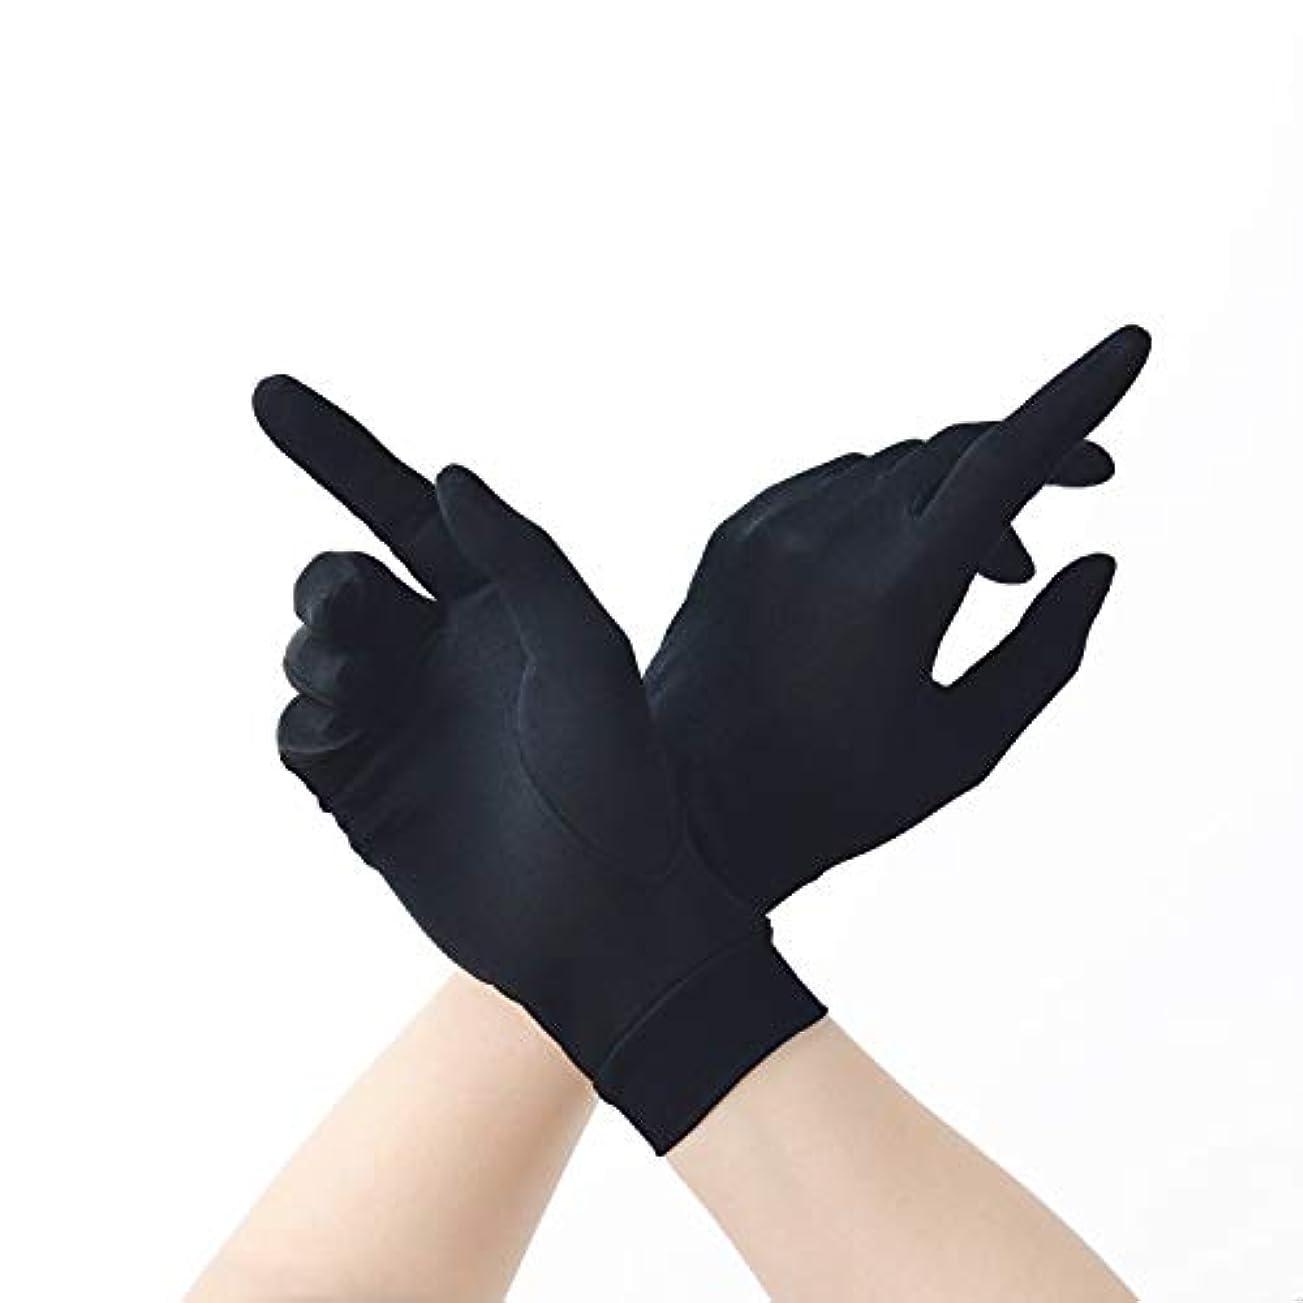 マングルニュースうなり声保湿 夏 ハンド 手袋 シルク 紫外線 日焼け防止 手荒い おやすみ 手触りが良い ケア レディース